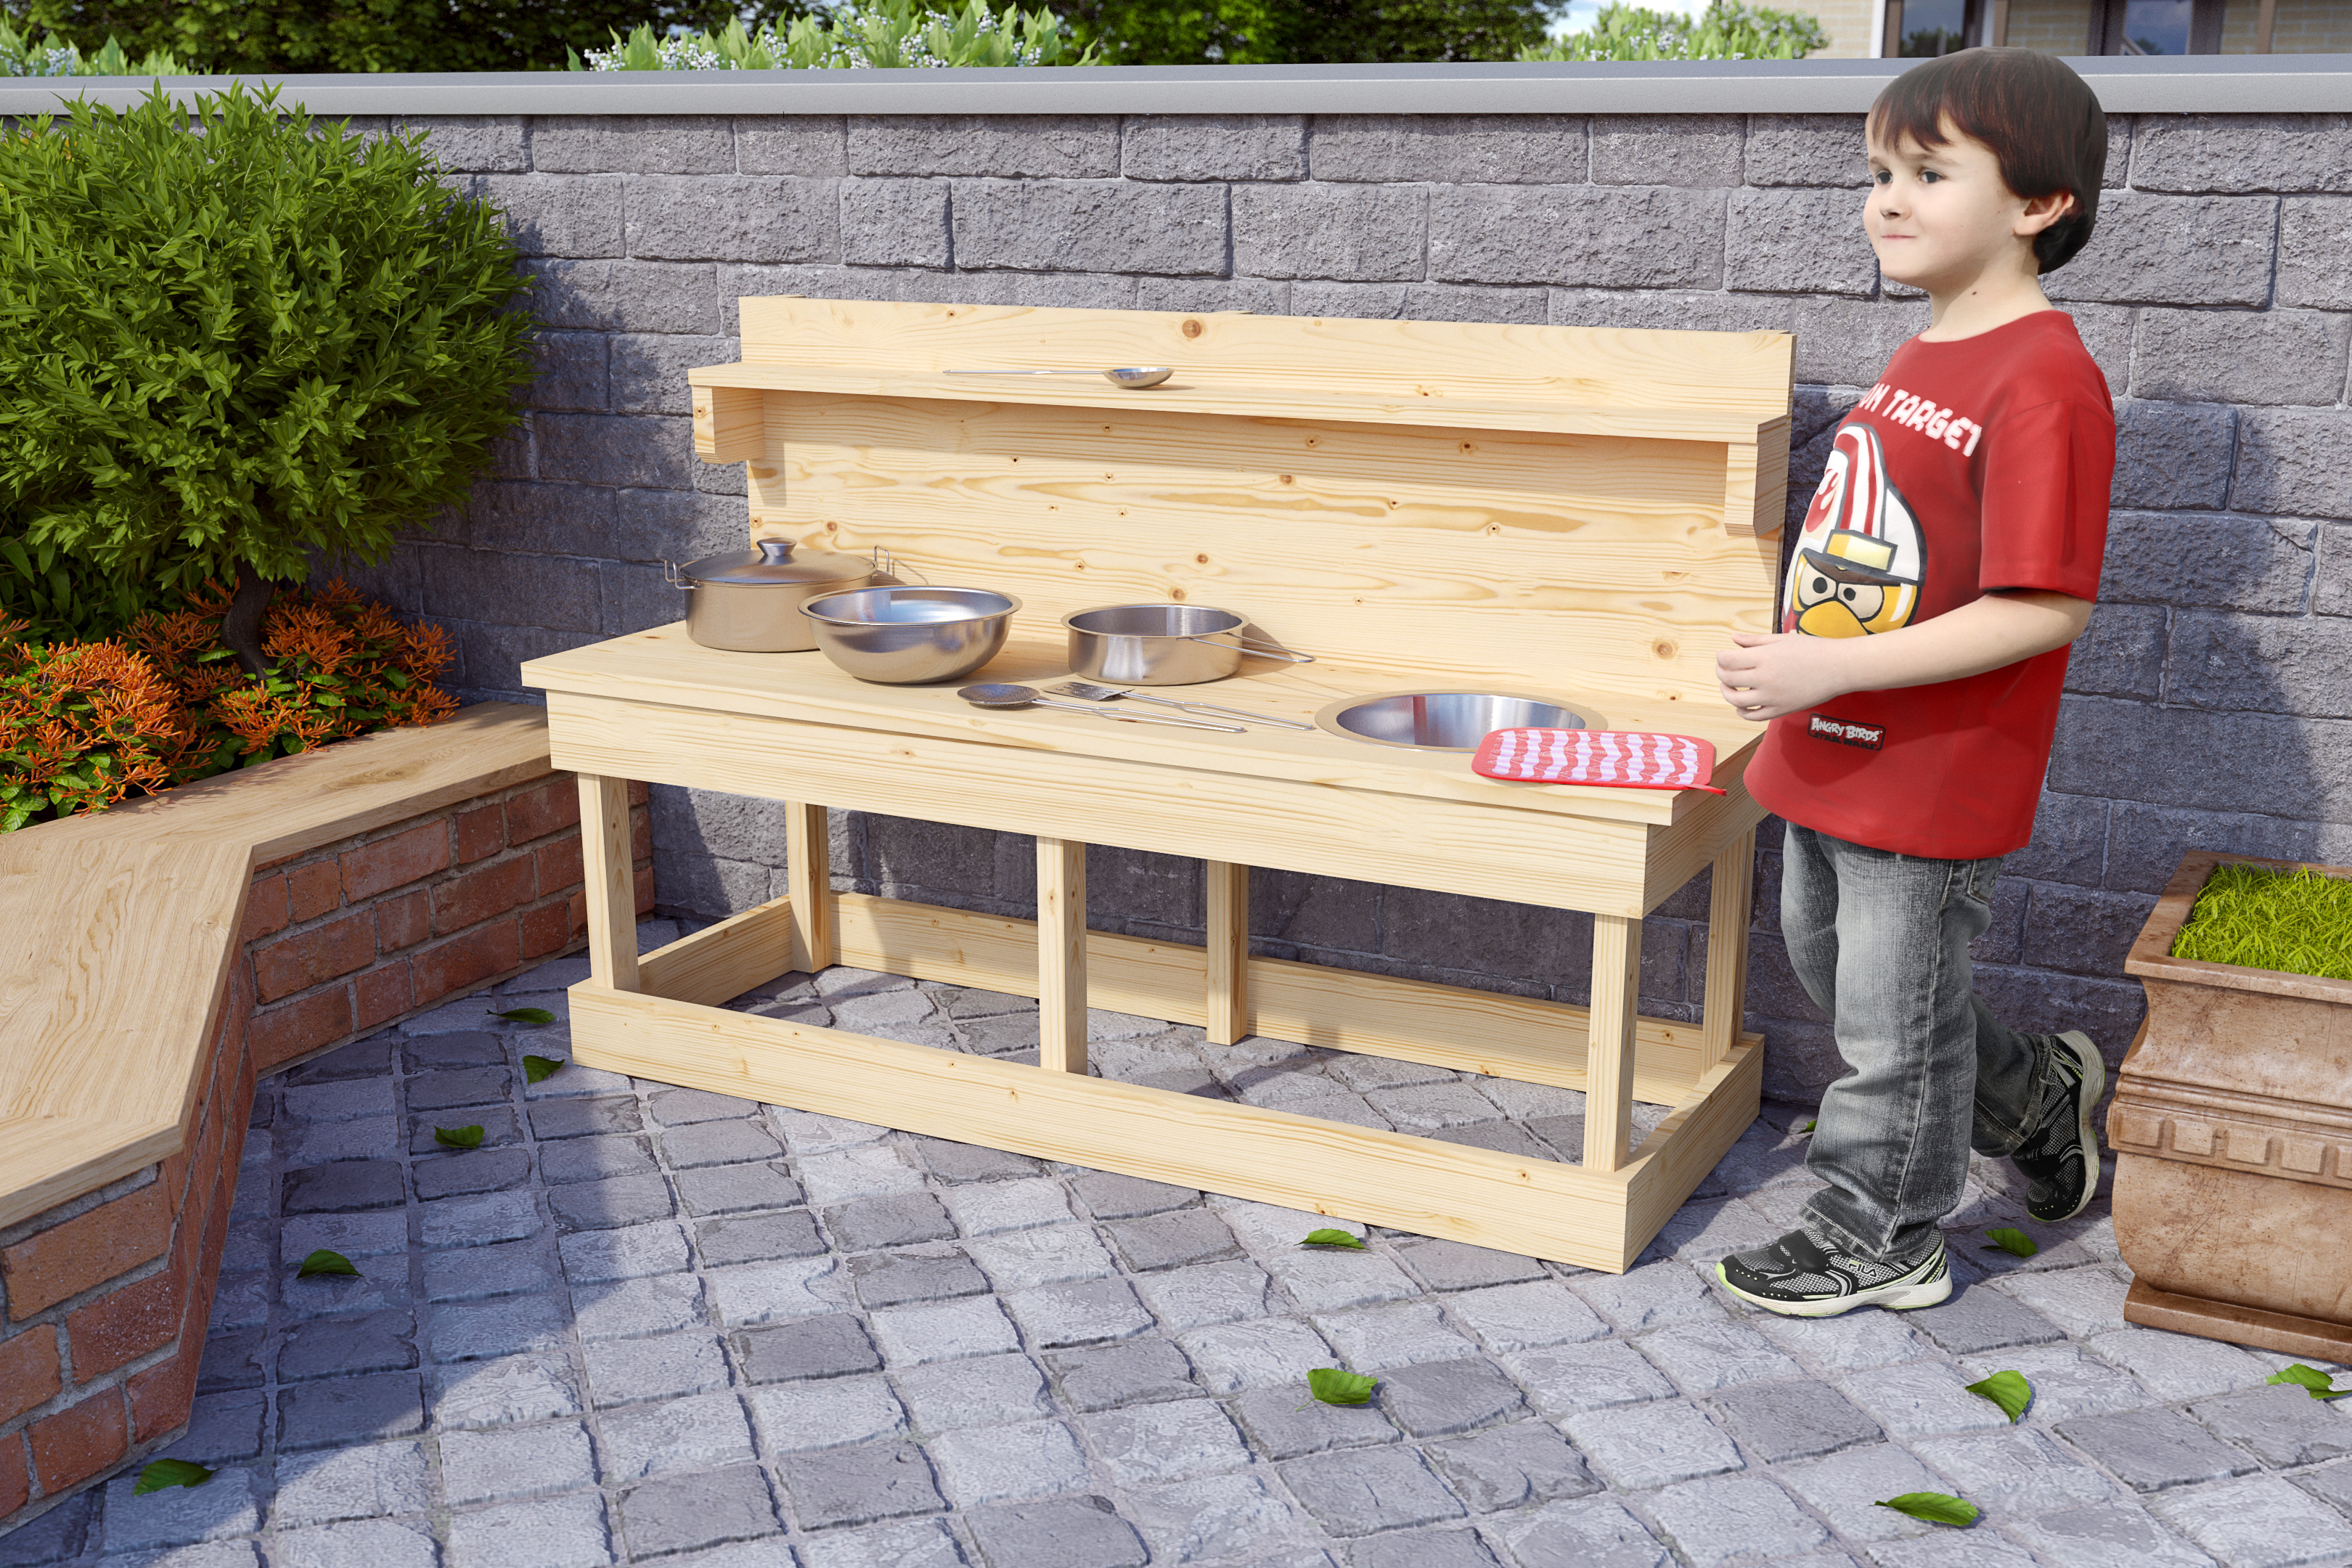 Outdoorküche Kinder Joy : Matschküche sandy mit topfset kinderküche outdoor sandküche